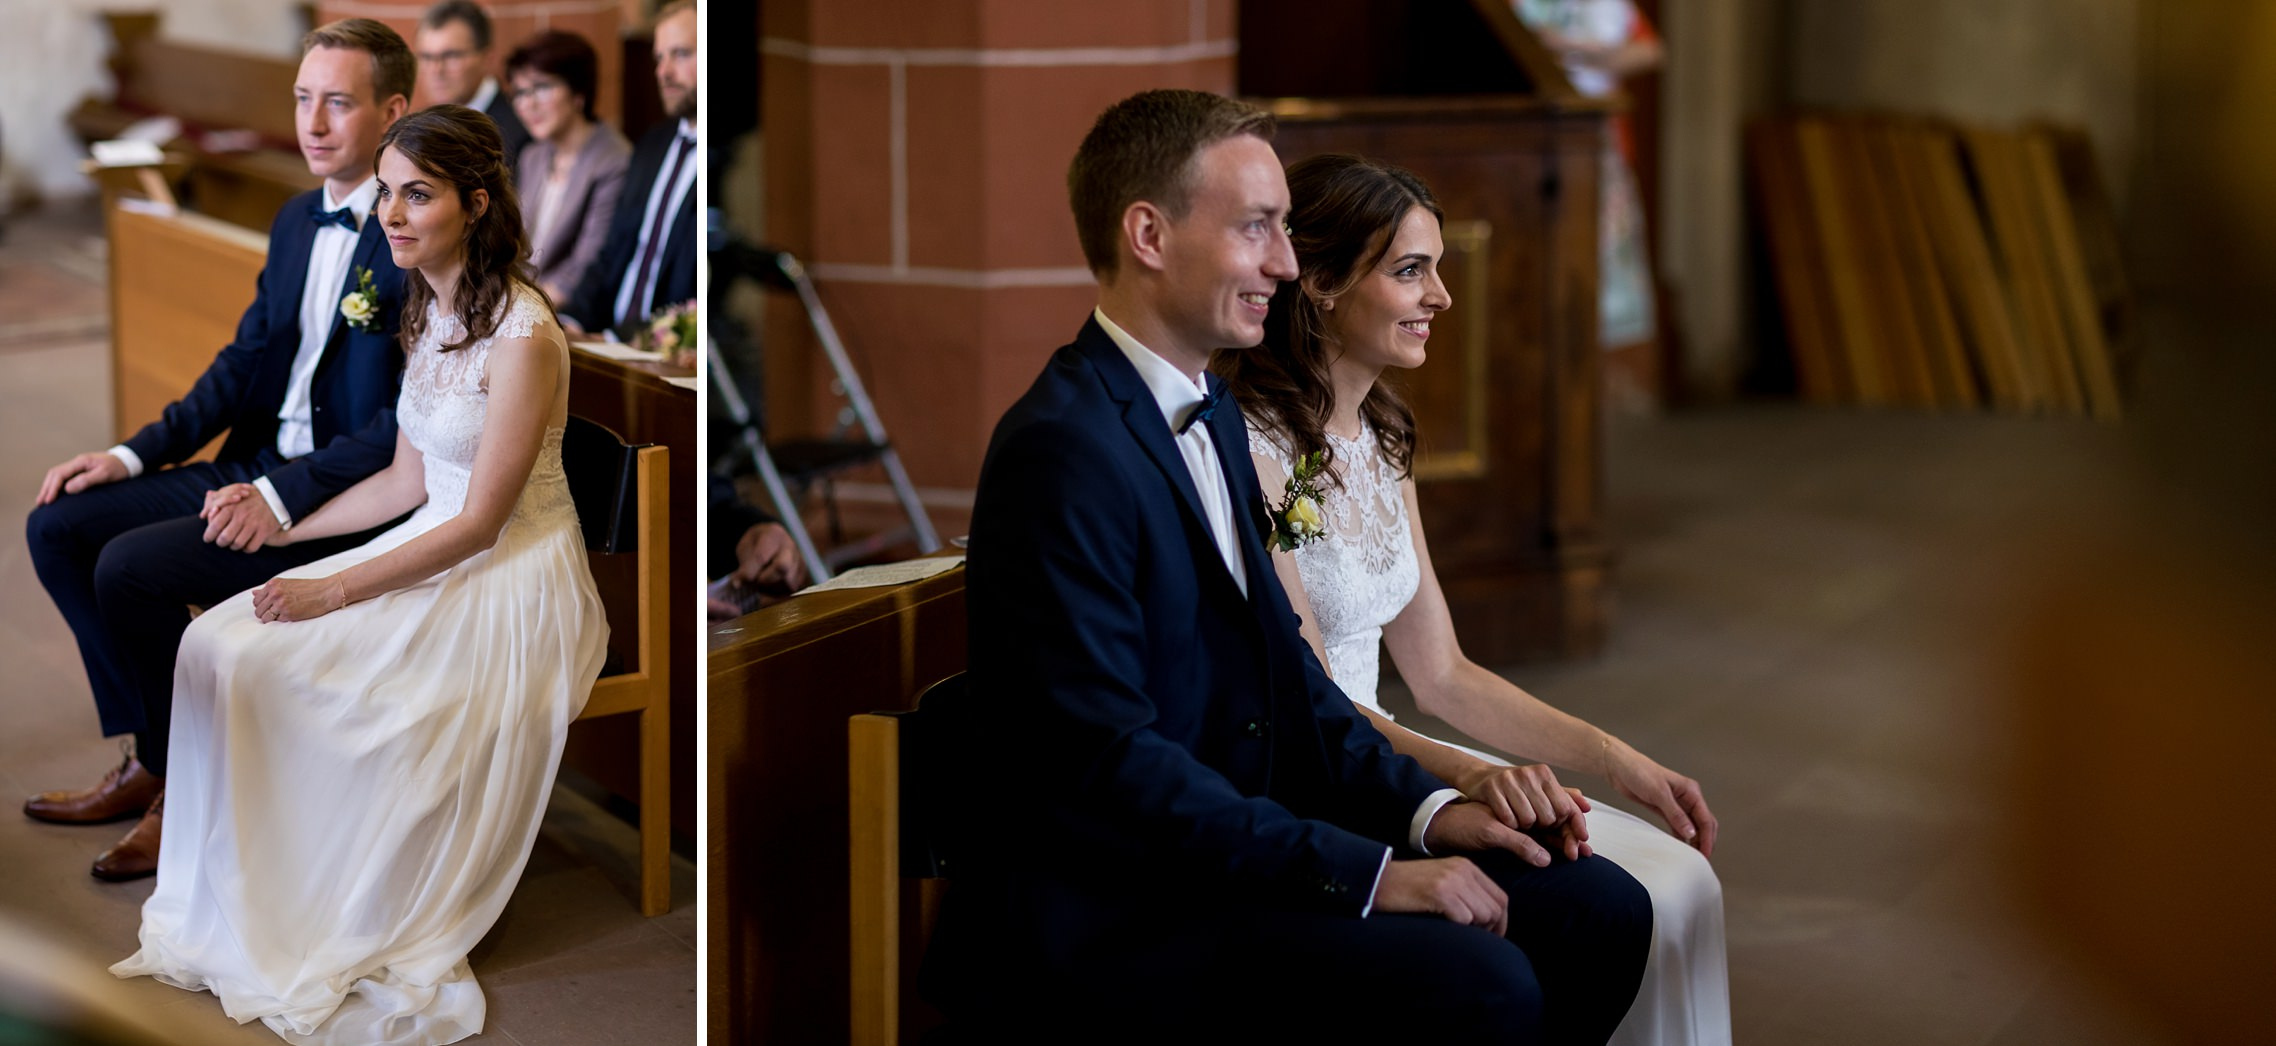 Hochzeitspaar während des Traugottesdienstes.